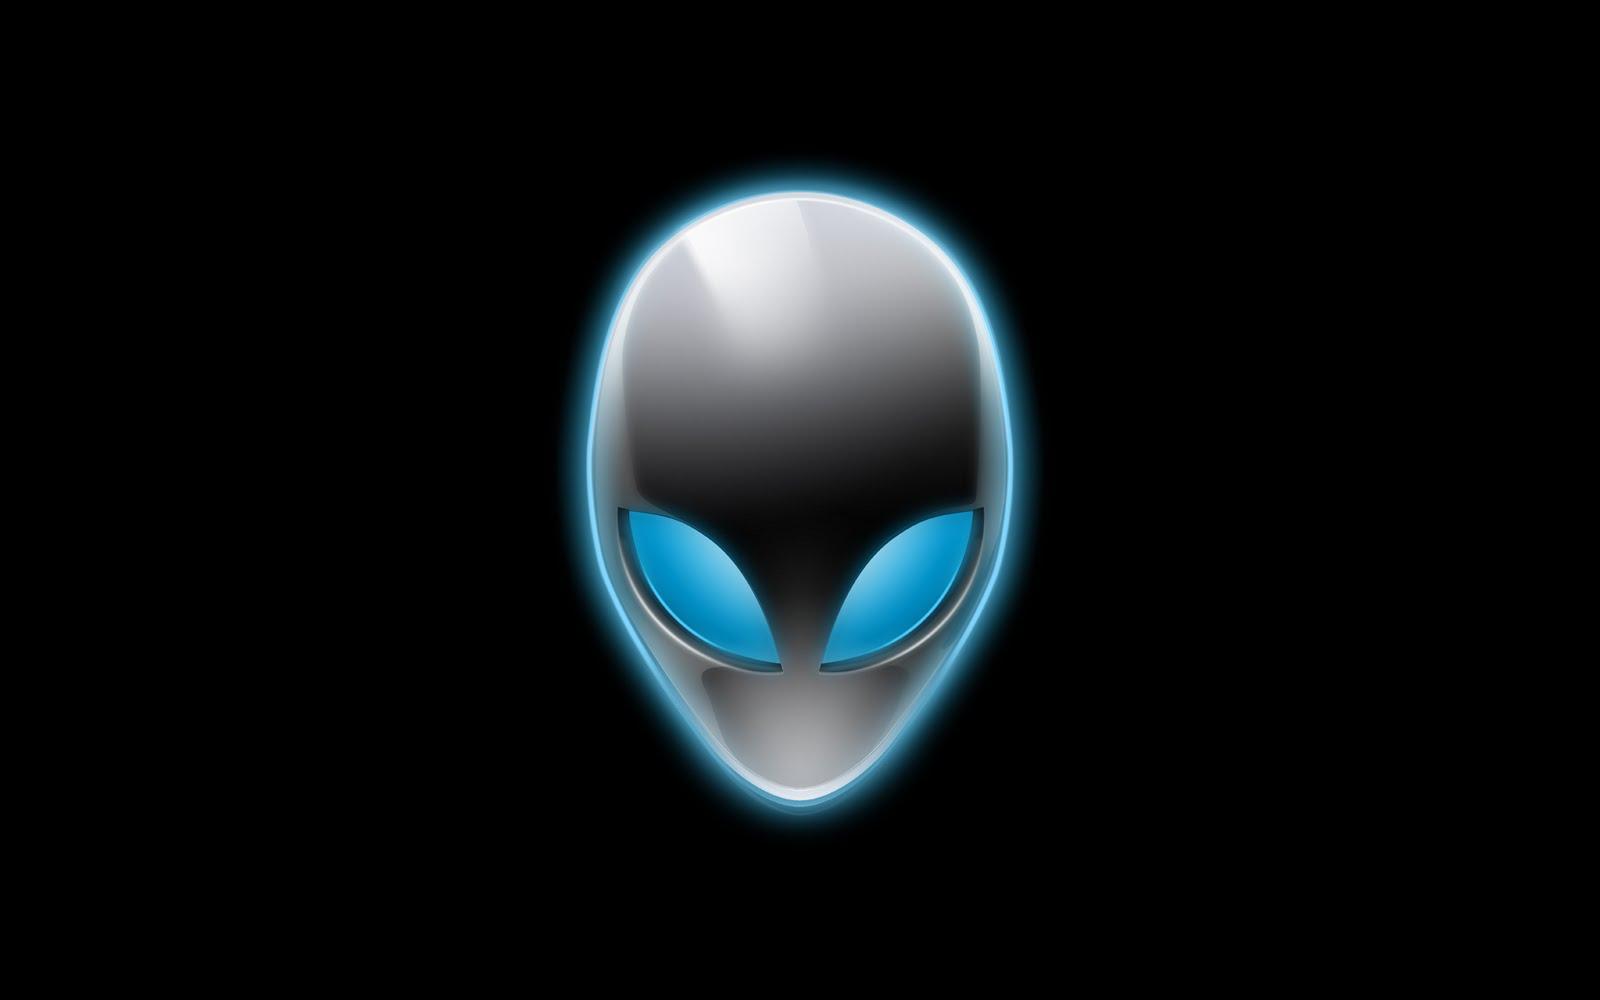 http://2.bp.blogspot.com/-oojG1KOxMcM/Tf1cdBGiNMI/AAAAAAAAAI8/y-f2PiMS3VY/s1600/4-alienware-wallpaper.jpg